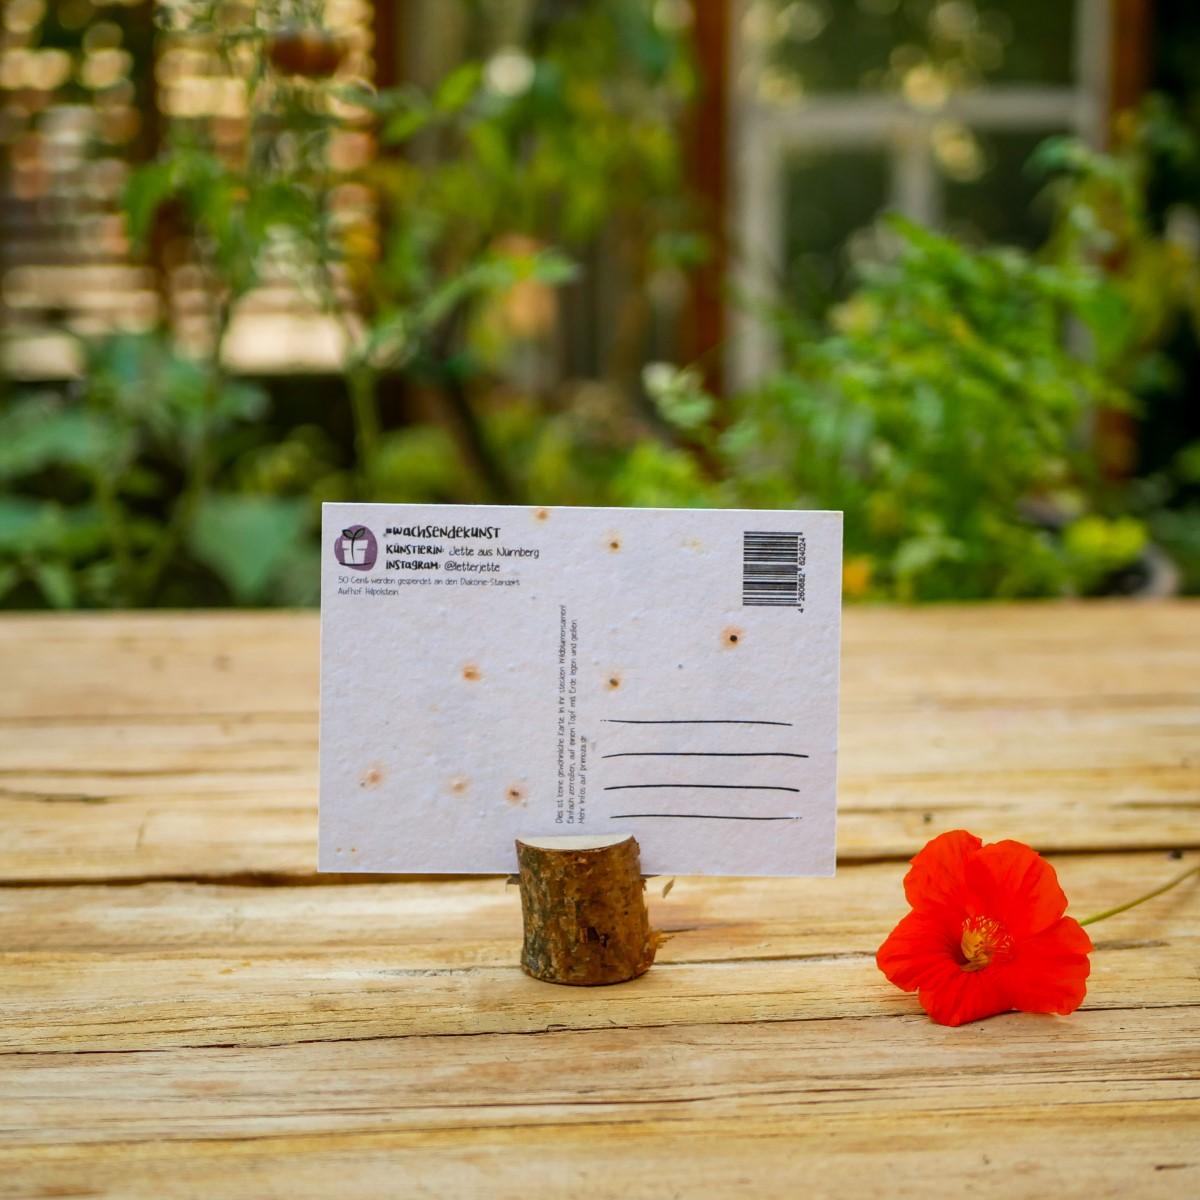 """Einpflanzbare Karte aus Samenpapier mit Blumenmotiv und Spruch """"Dance to your own beet"""" steht auf Holztisch in einem Stadtgarten."""